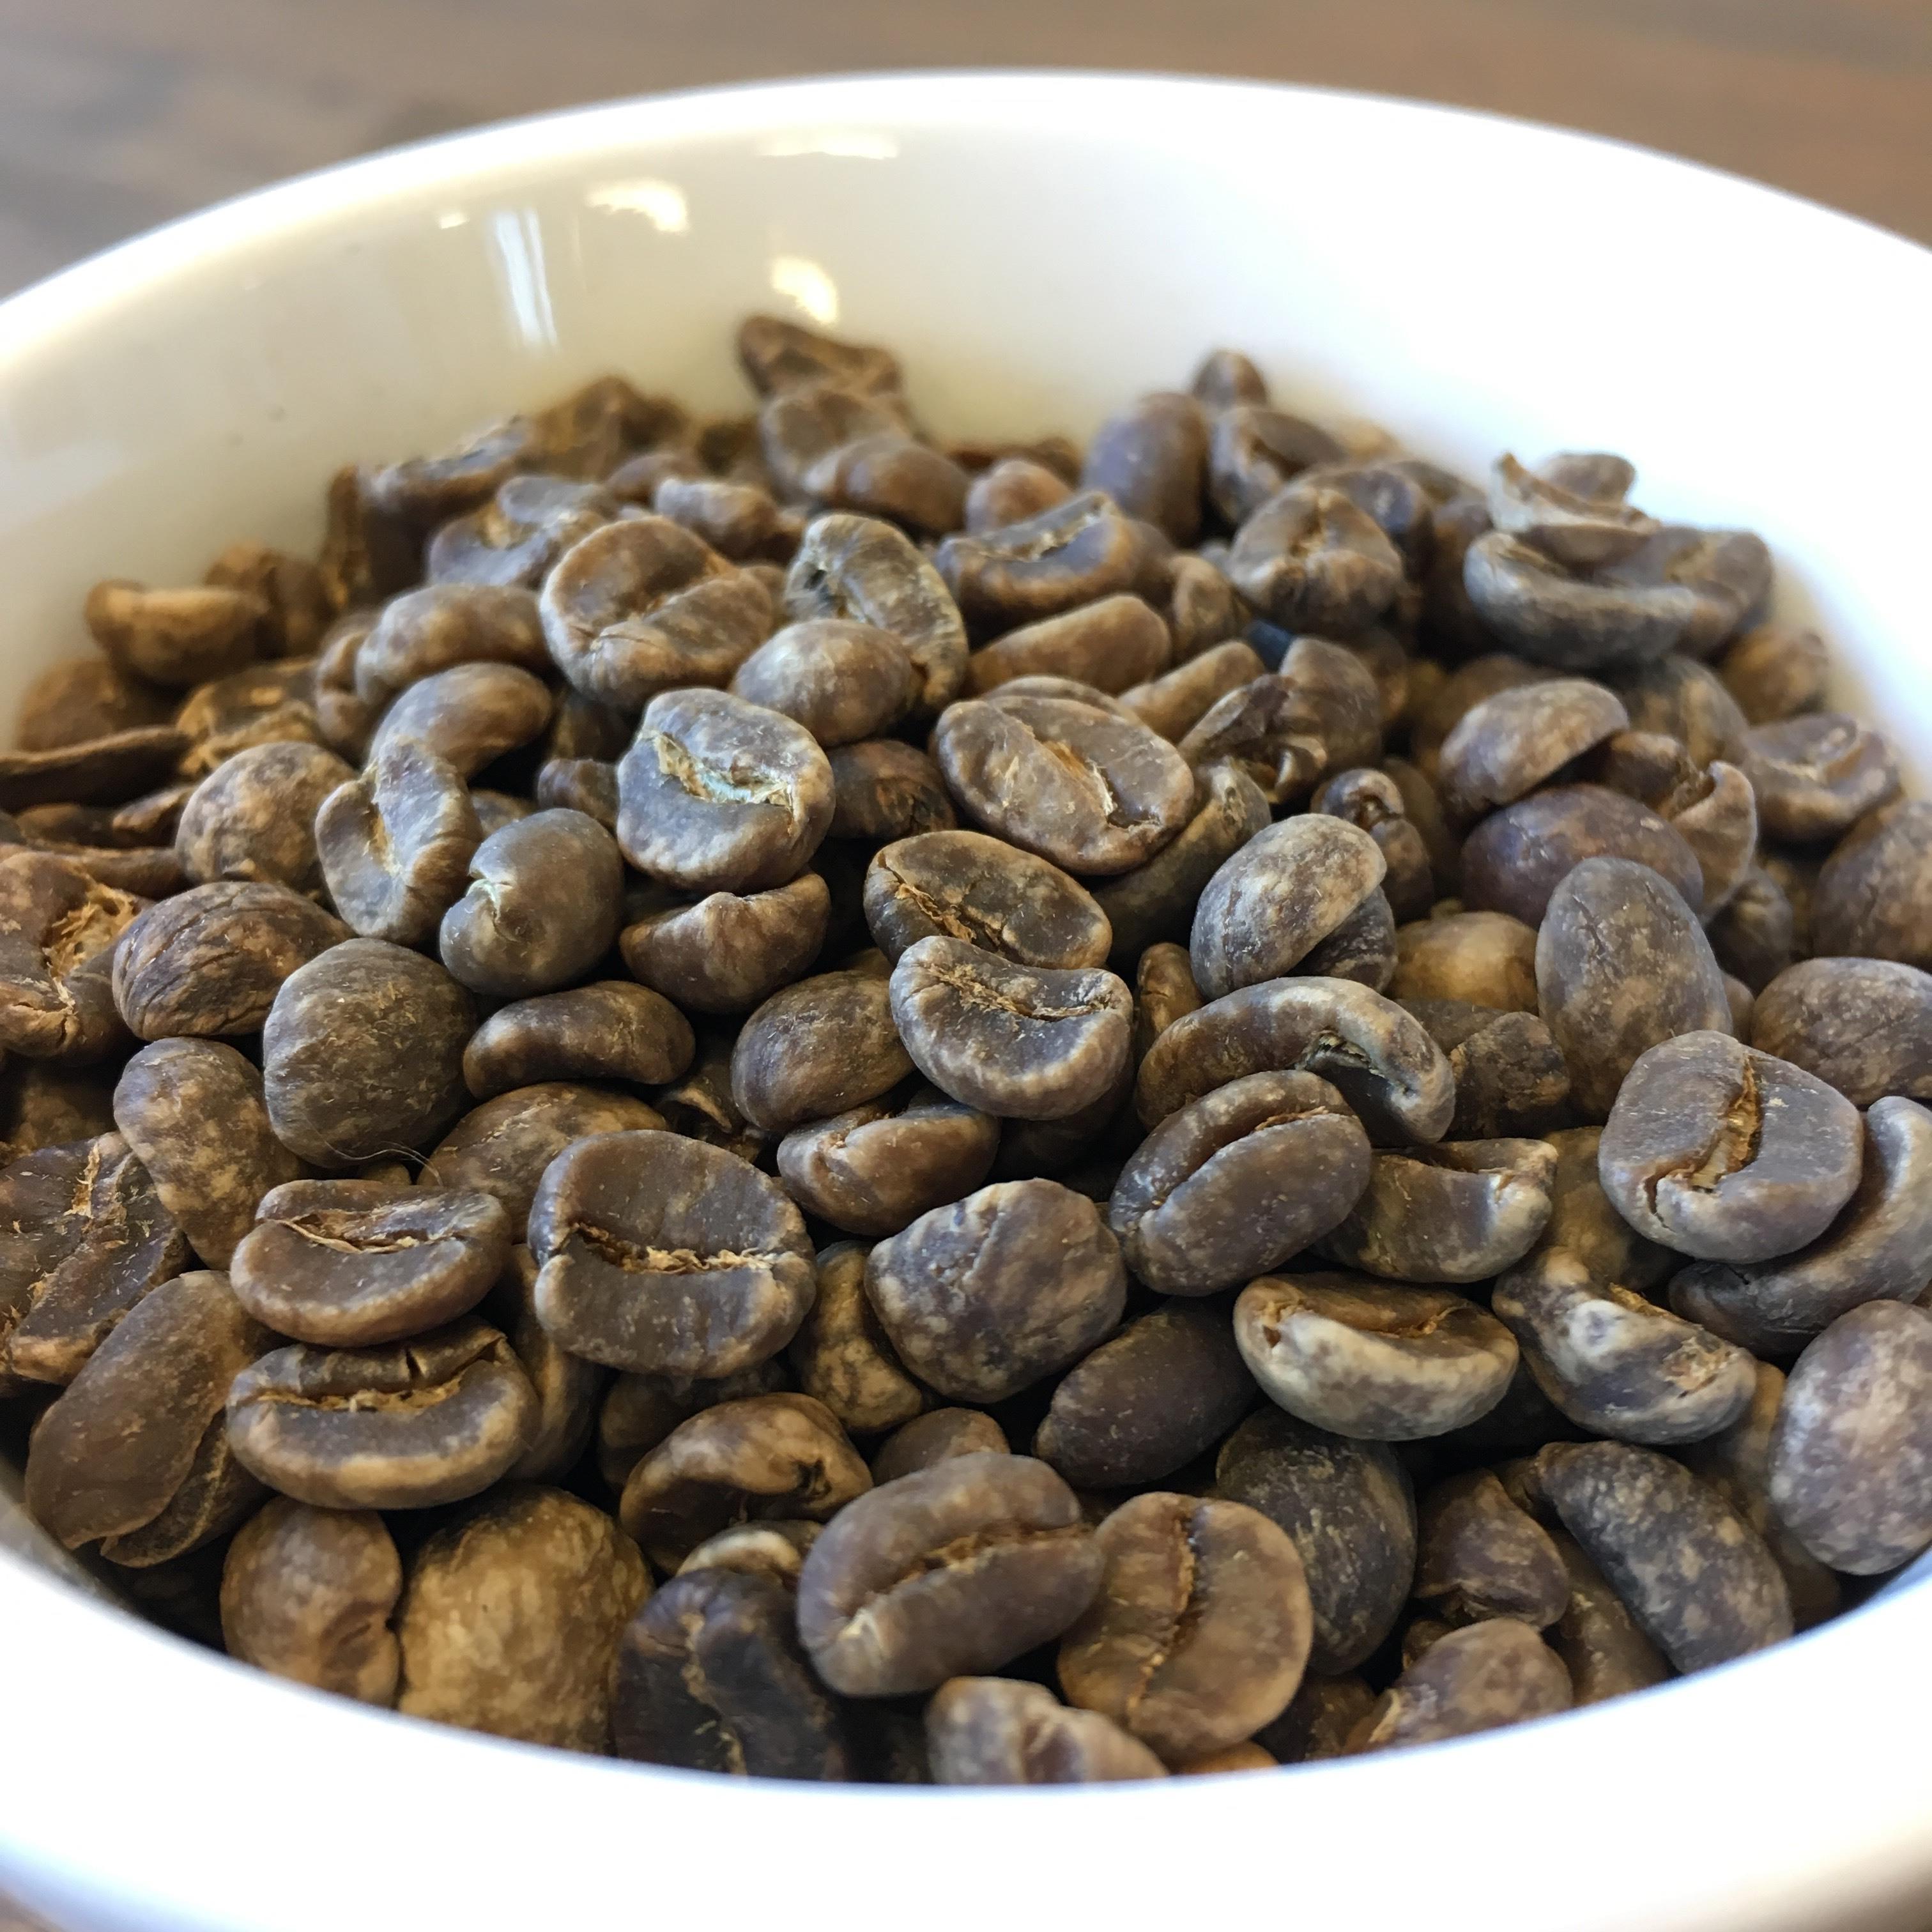 【コーヒー生豆・500g】デカフェ メキシコ チアパス マウンテンウォーター製法 有機JAS認証 MEXICO Decafe